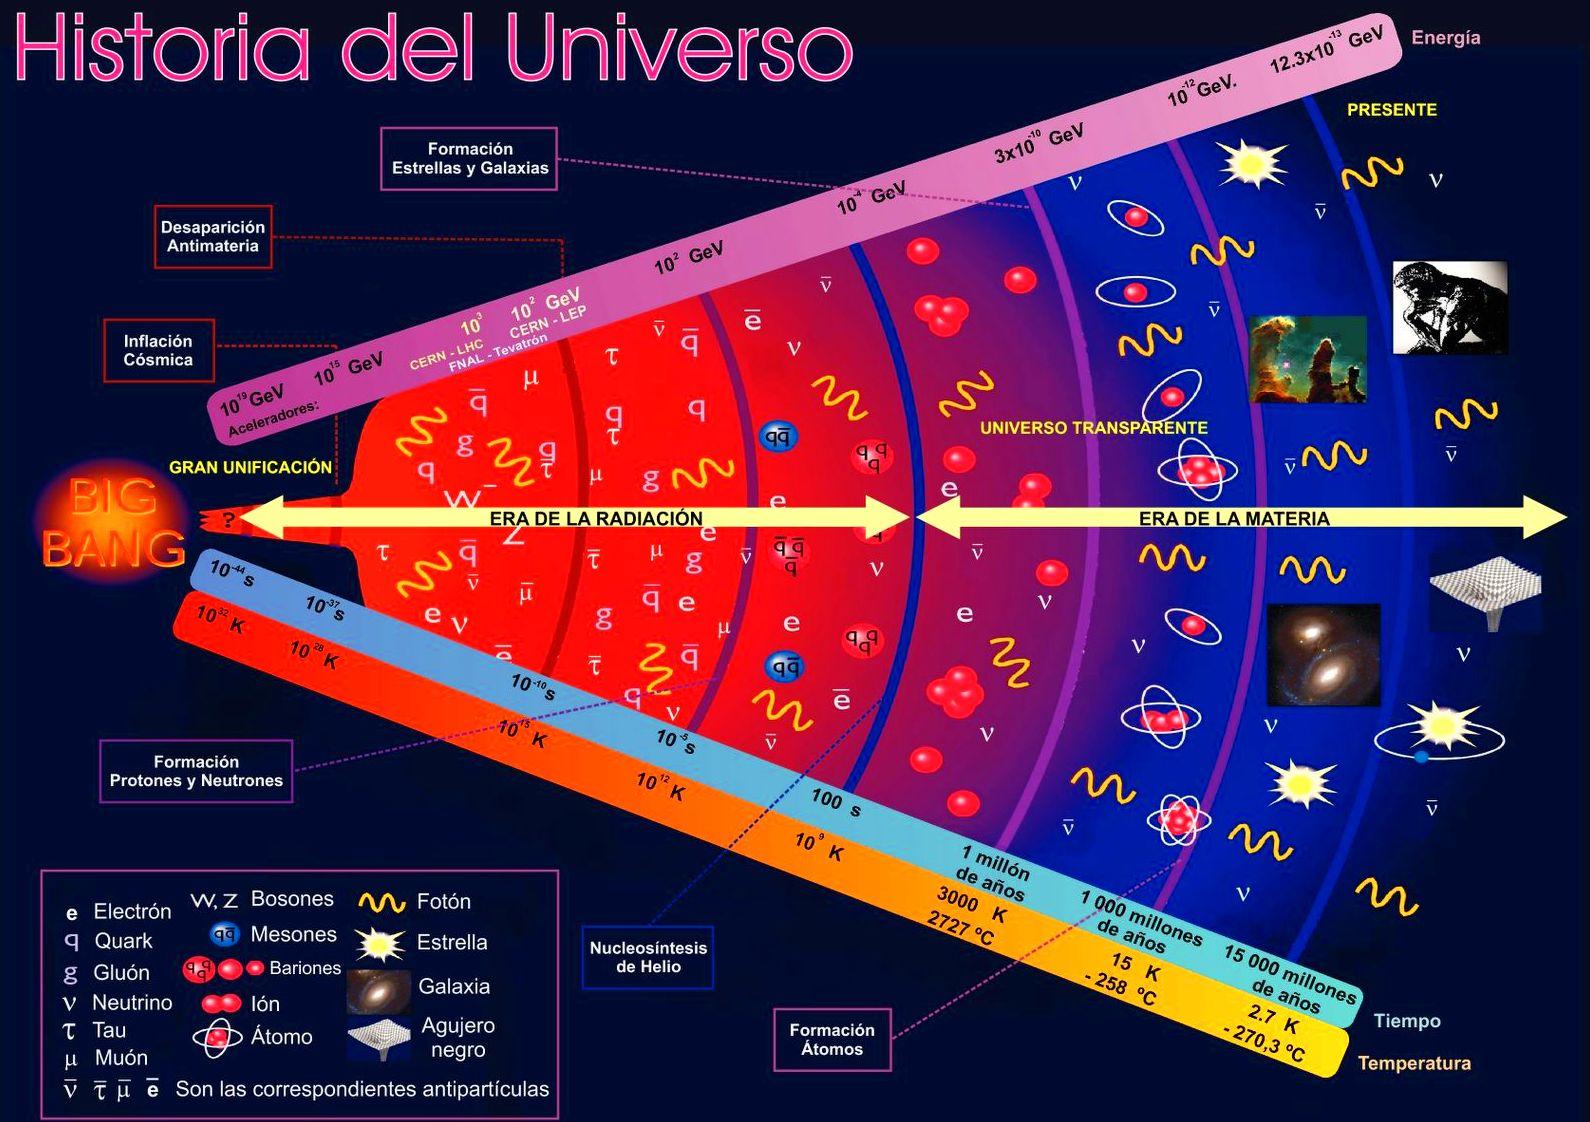 Evolución del universo13.800.000.000 de años,  en una imagen, desde la nada a la vibración, a las frecuencias, la radiación, la materia.Desde el vacío a la vida biológica. Todo esta relacionado cuanticamente